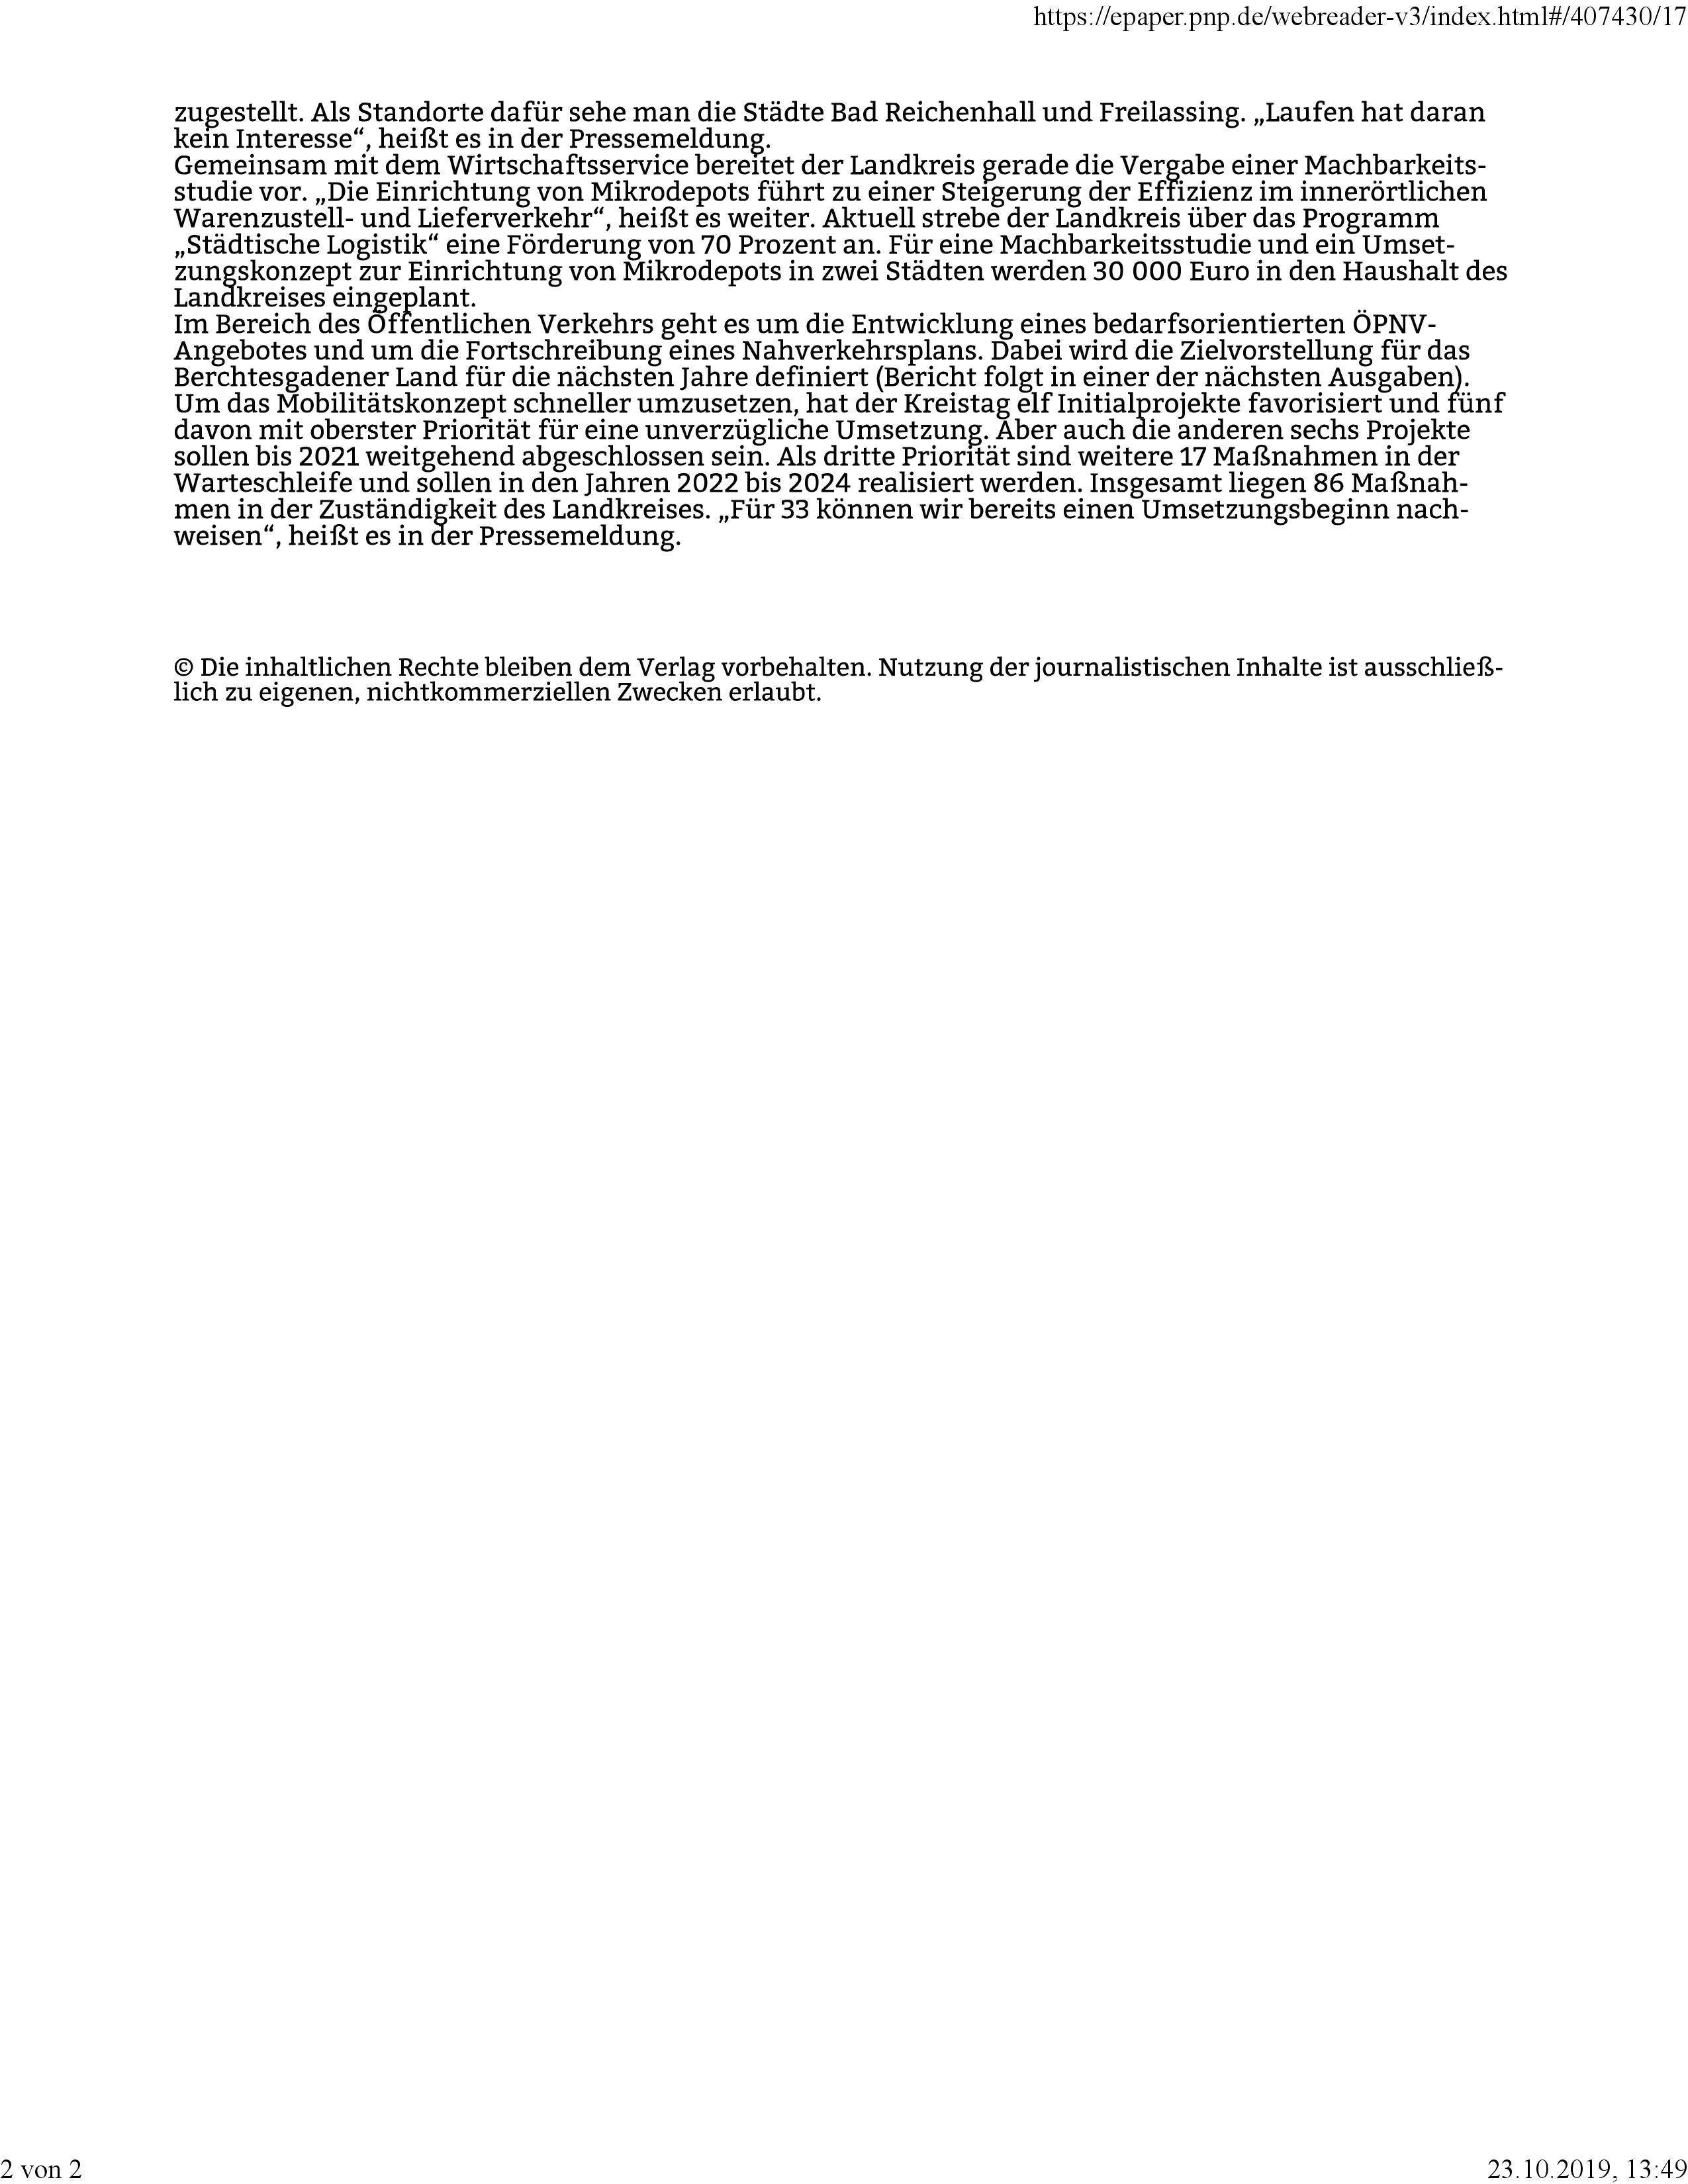 Pressebericht LRA - Ladeinfrastruktur 2